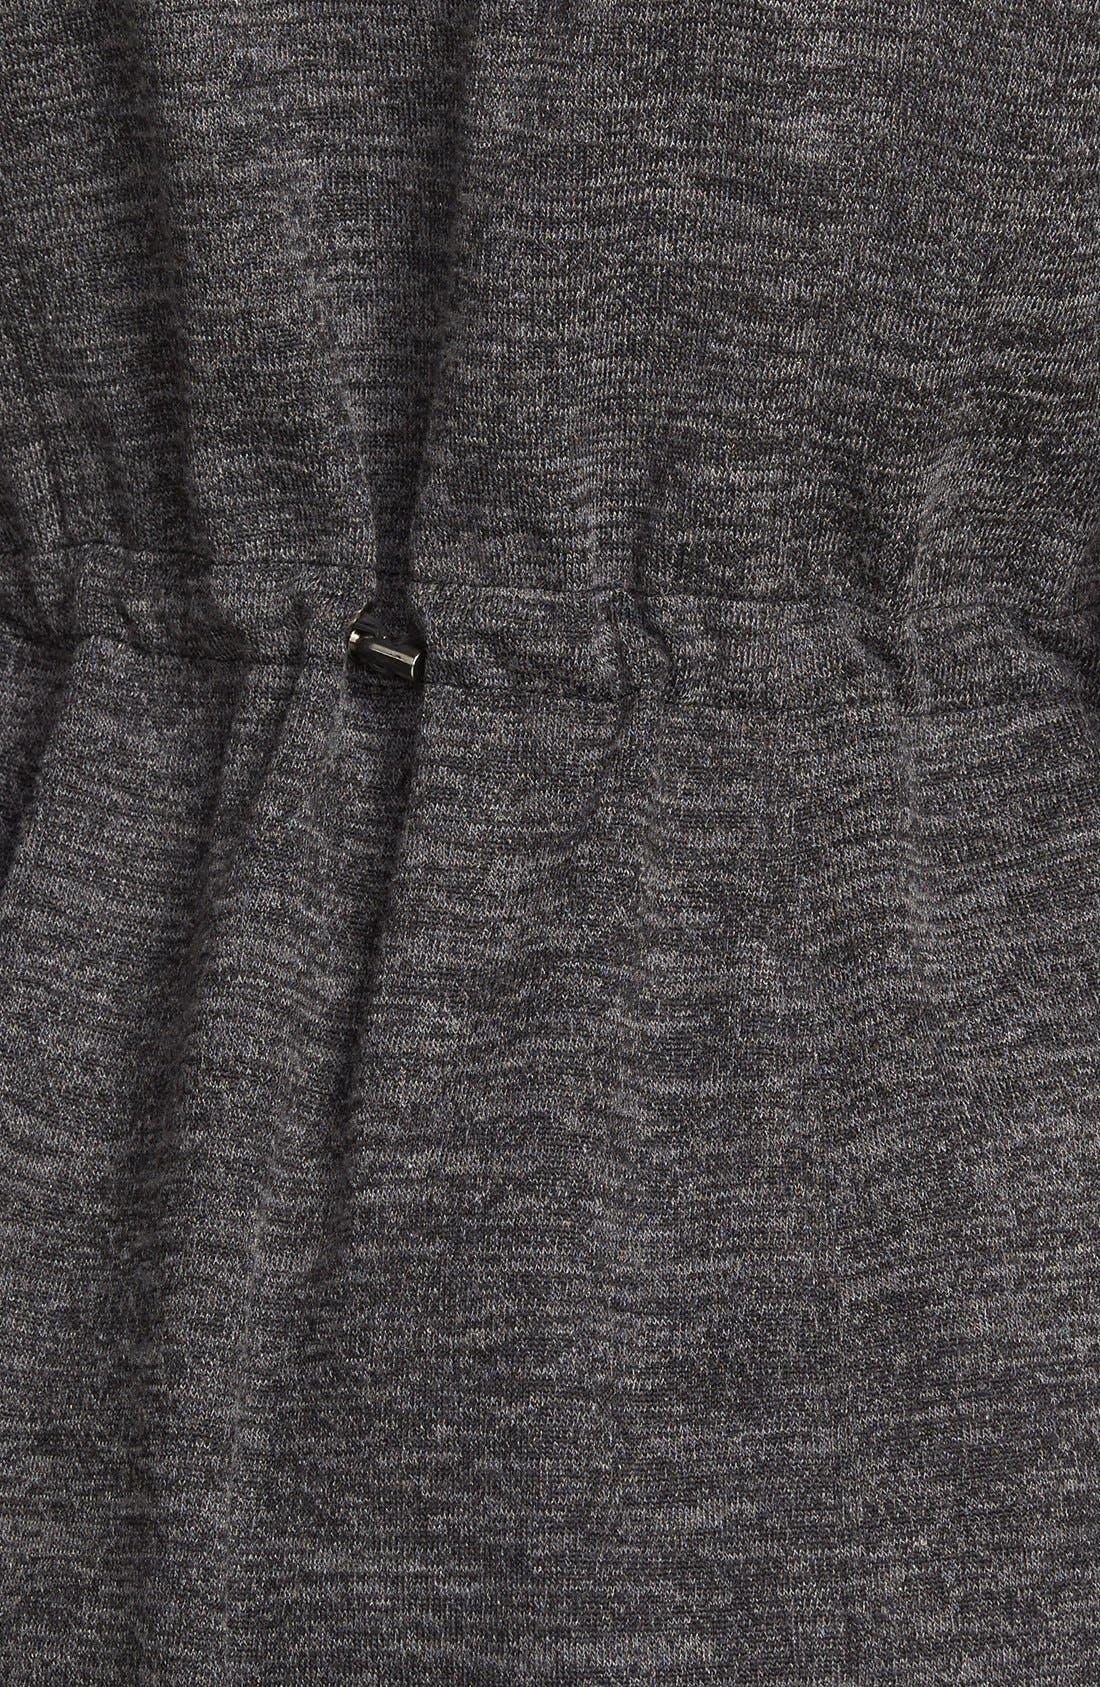 STEVE MADDEN,                             Sweater Knit Anorak,                             Alternate thumbnail 2, color,                             020